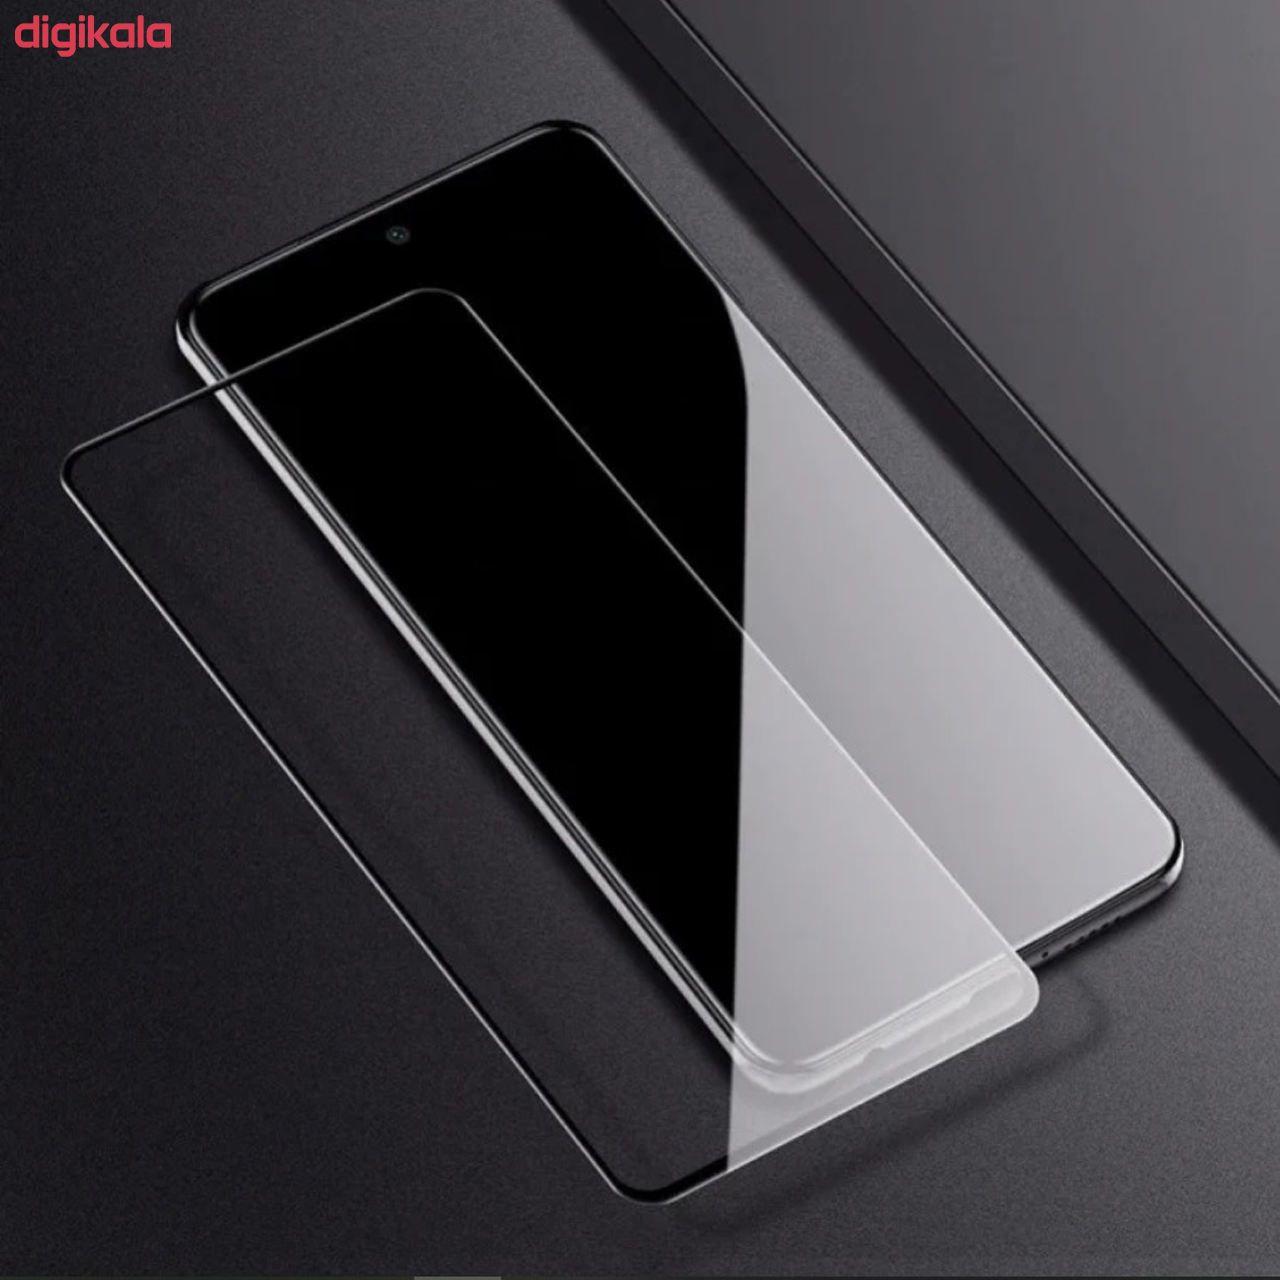 محافظ صفحه نمایش مسیر مدل MGF-1 مناسب برای گوشی موبایل شیائومی Redmi Note 9s main 1 1